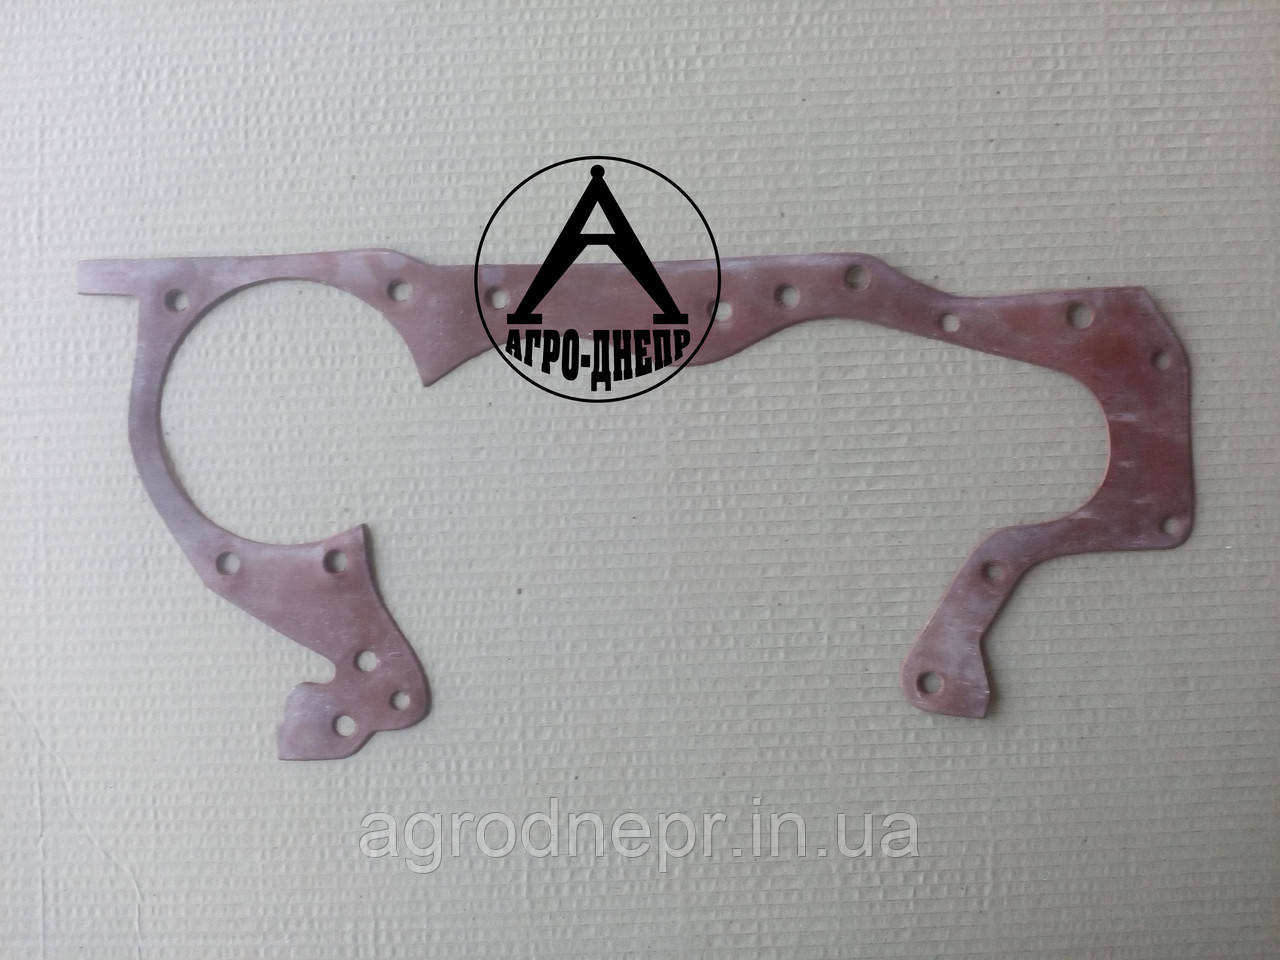 Прокладка крышки ГРМ Д-240 240-1002064